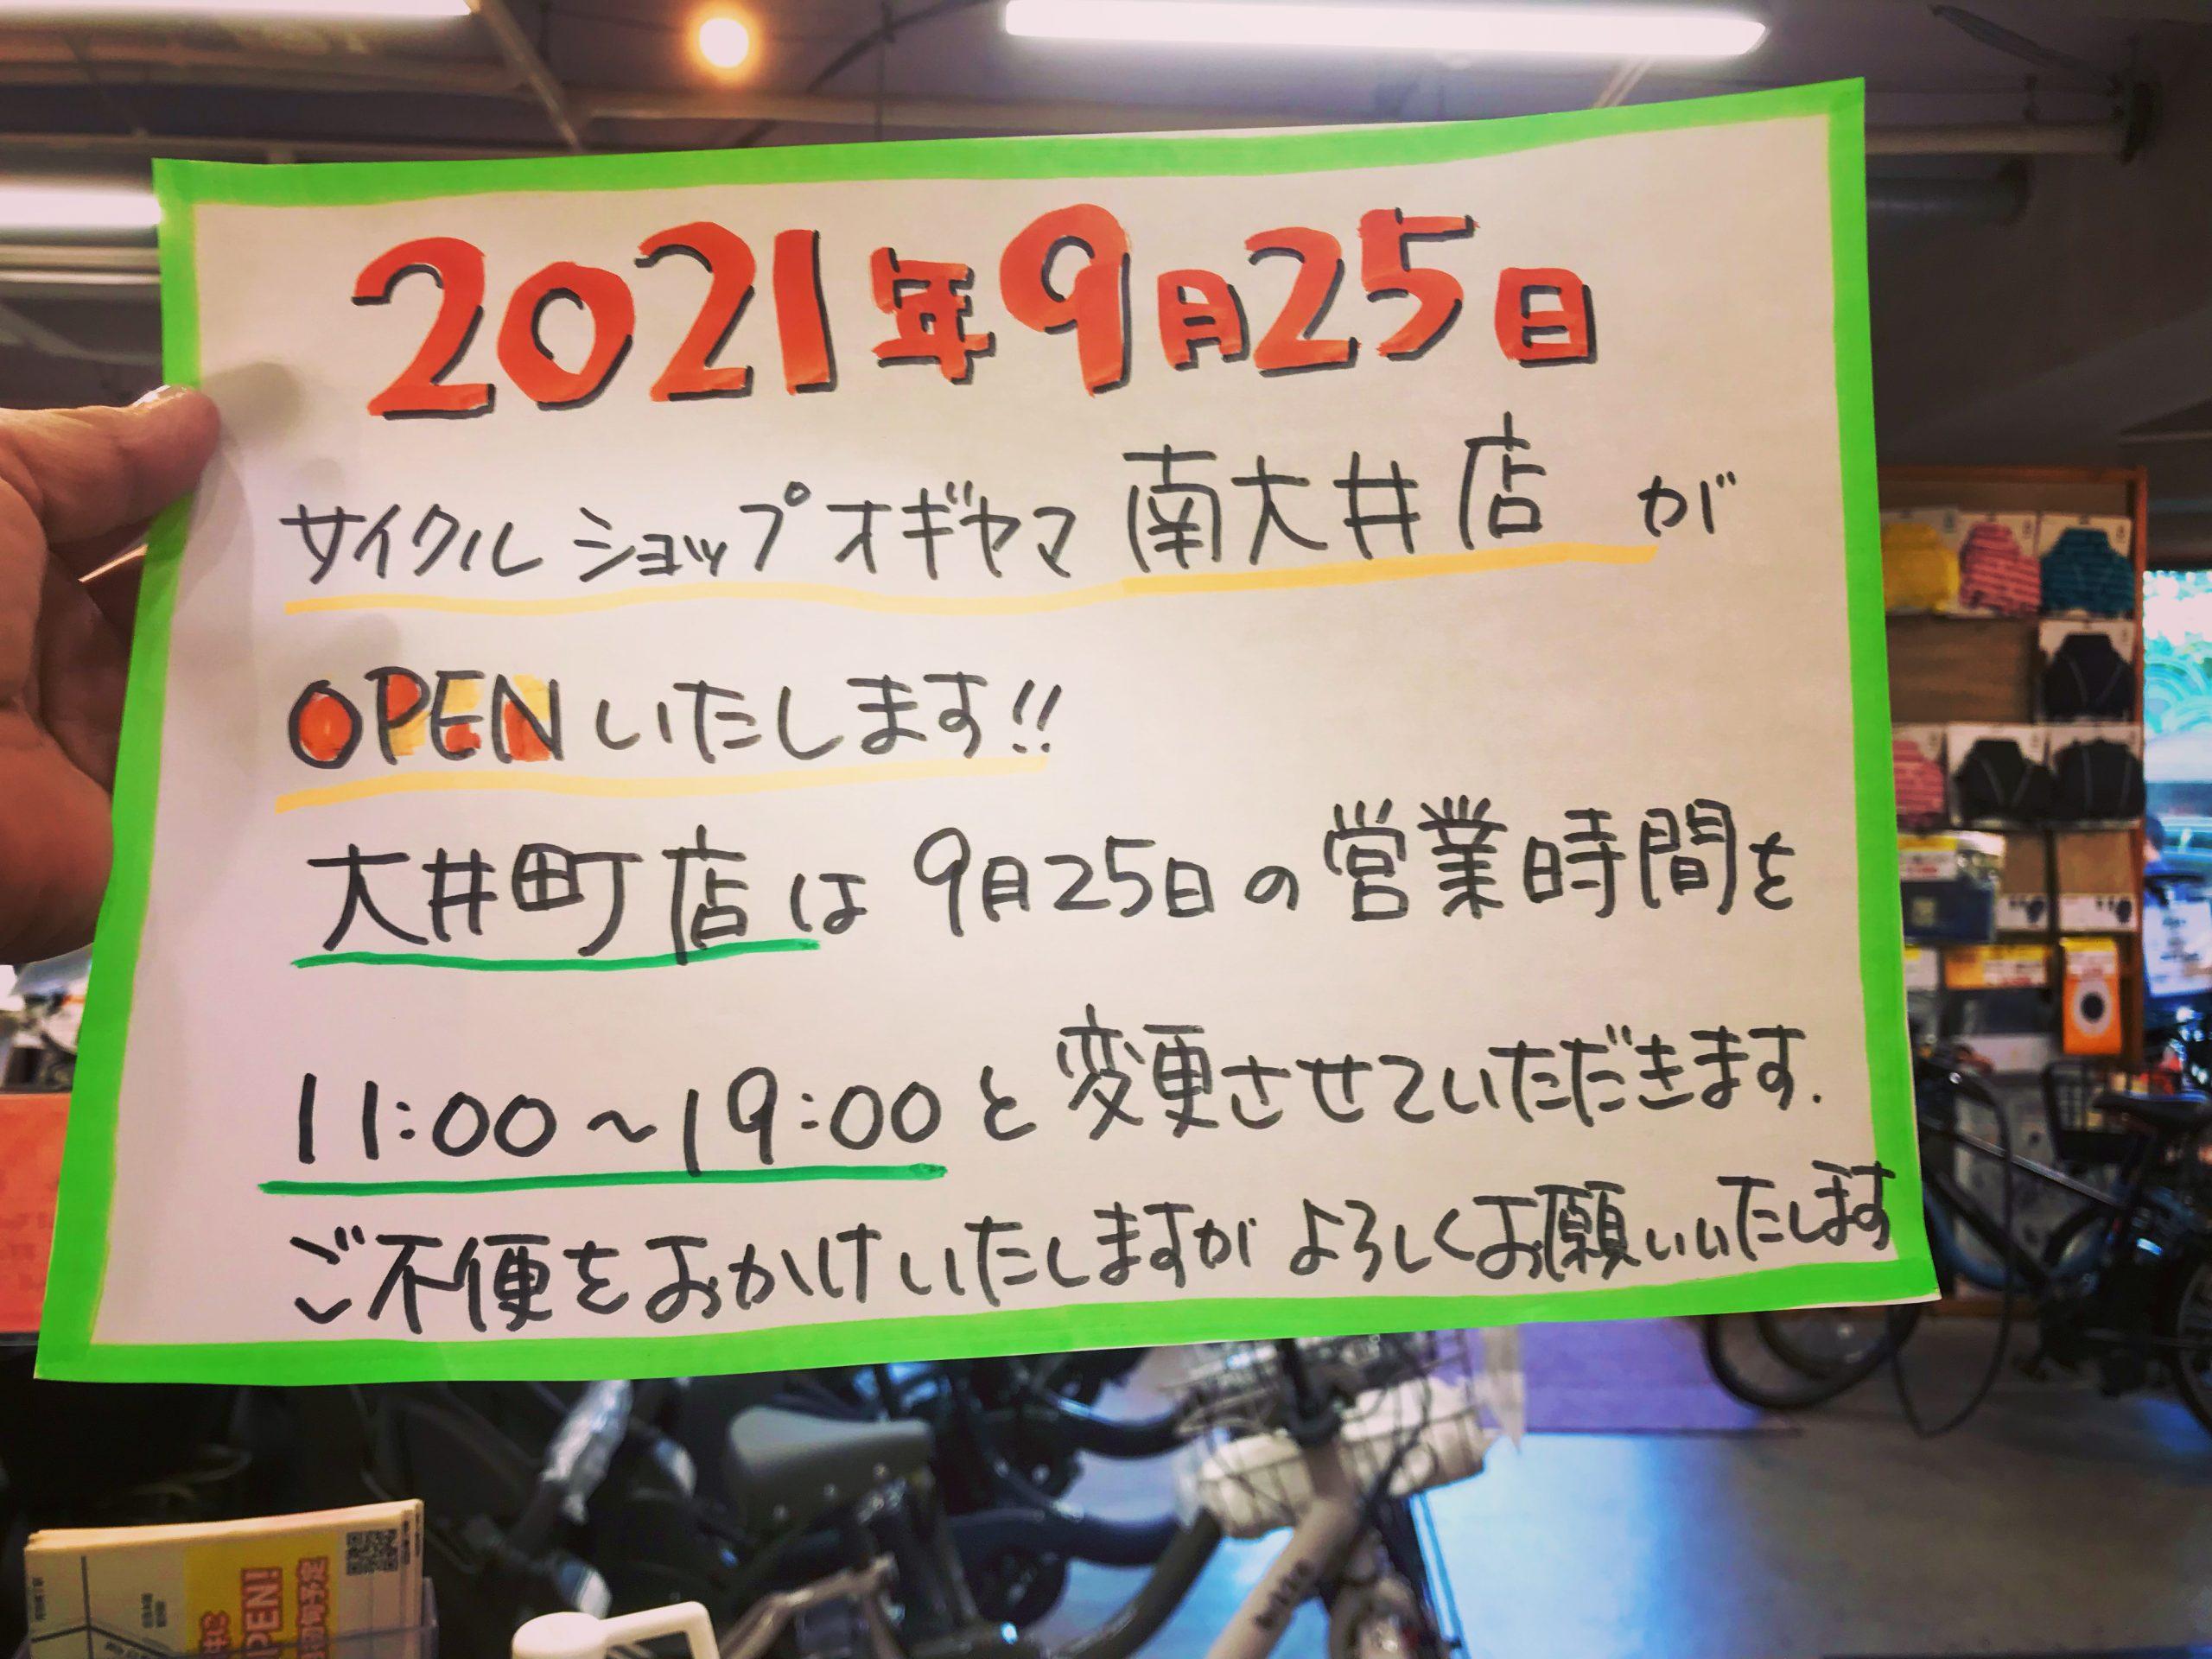 【大井町店】営業時間変更のお知らせ